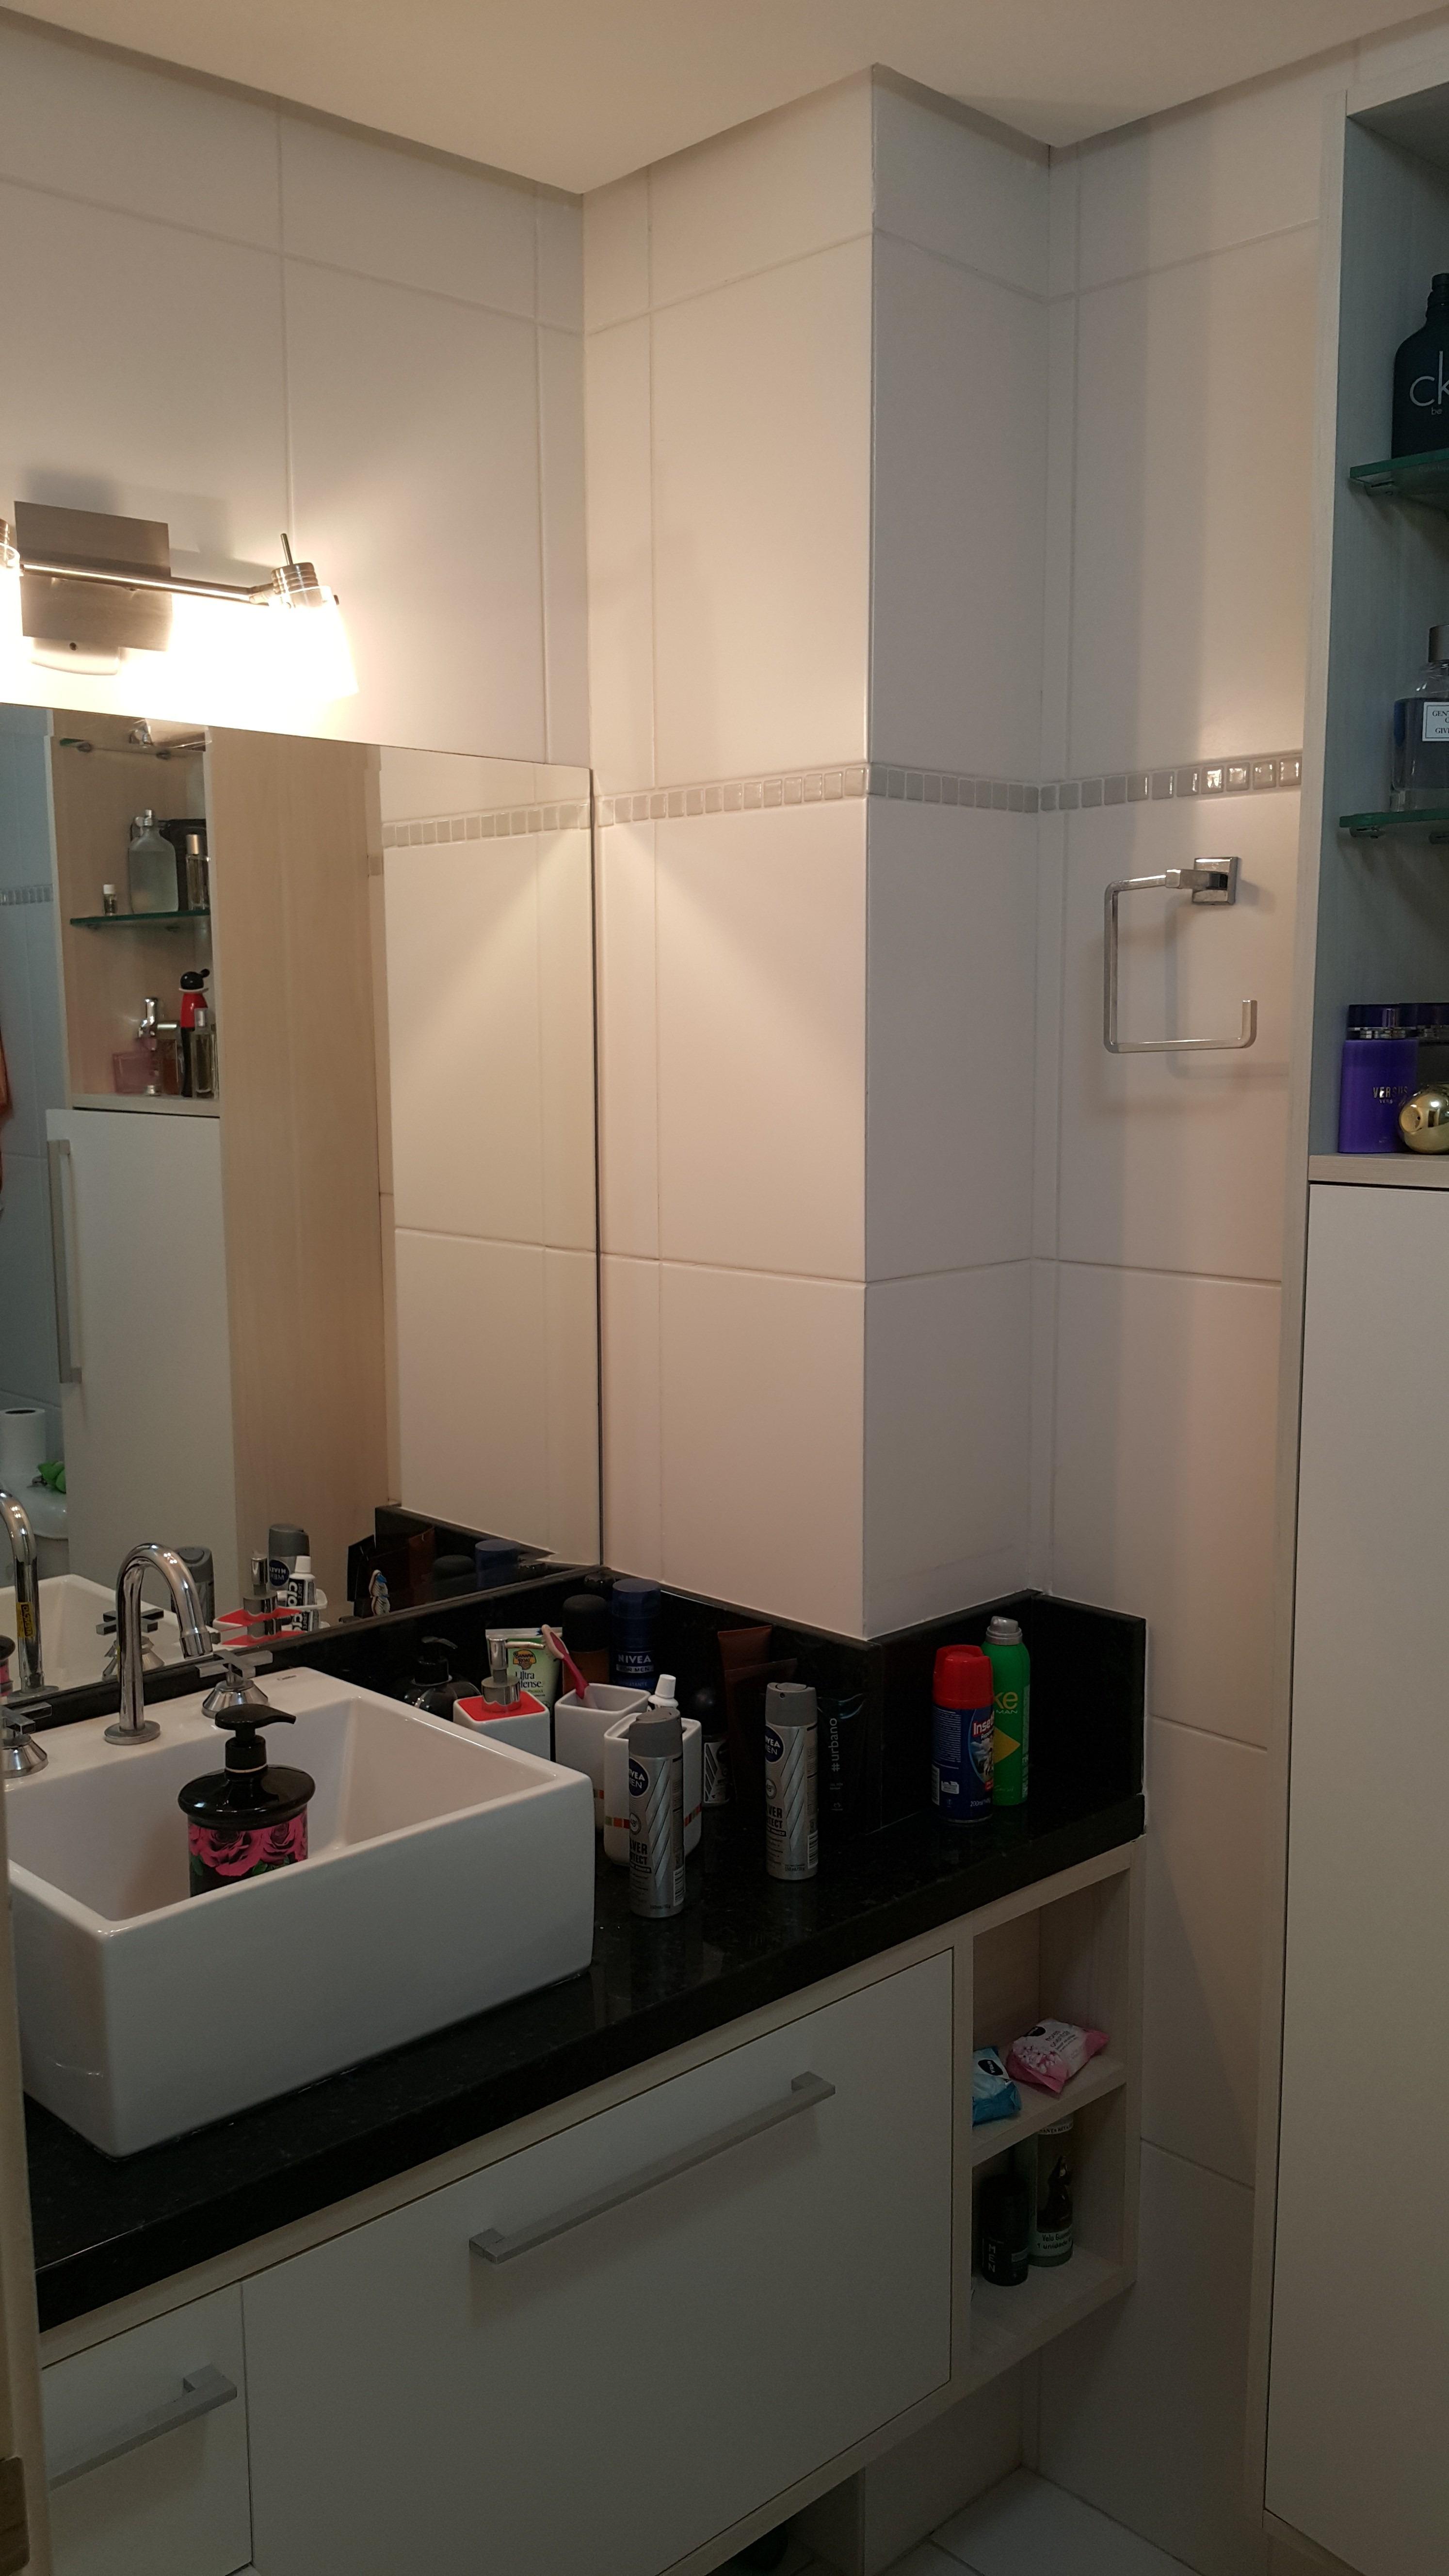 Apartamento com 2 Dormitórios 2 Suítes e 1 Vaga de Garagem à venda  #986733 2988x5312 Balança Digital Banheiro Porto Alegre